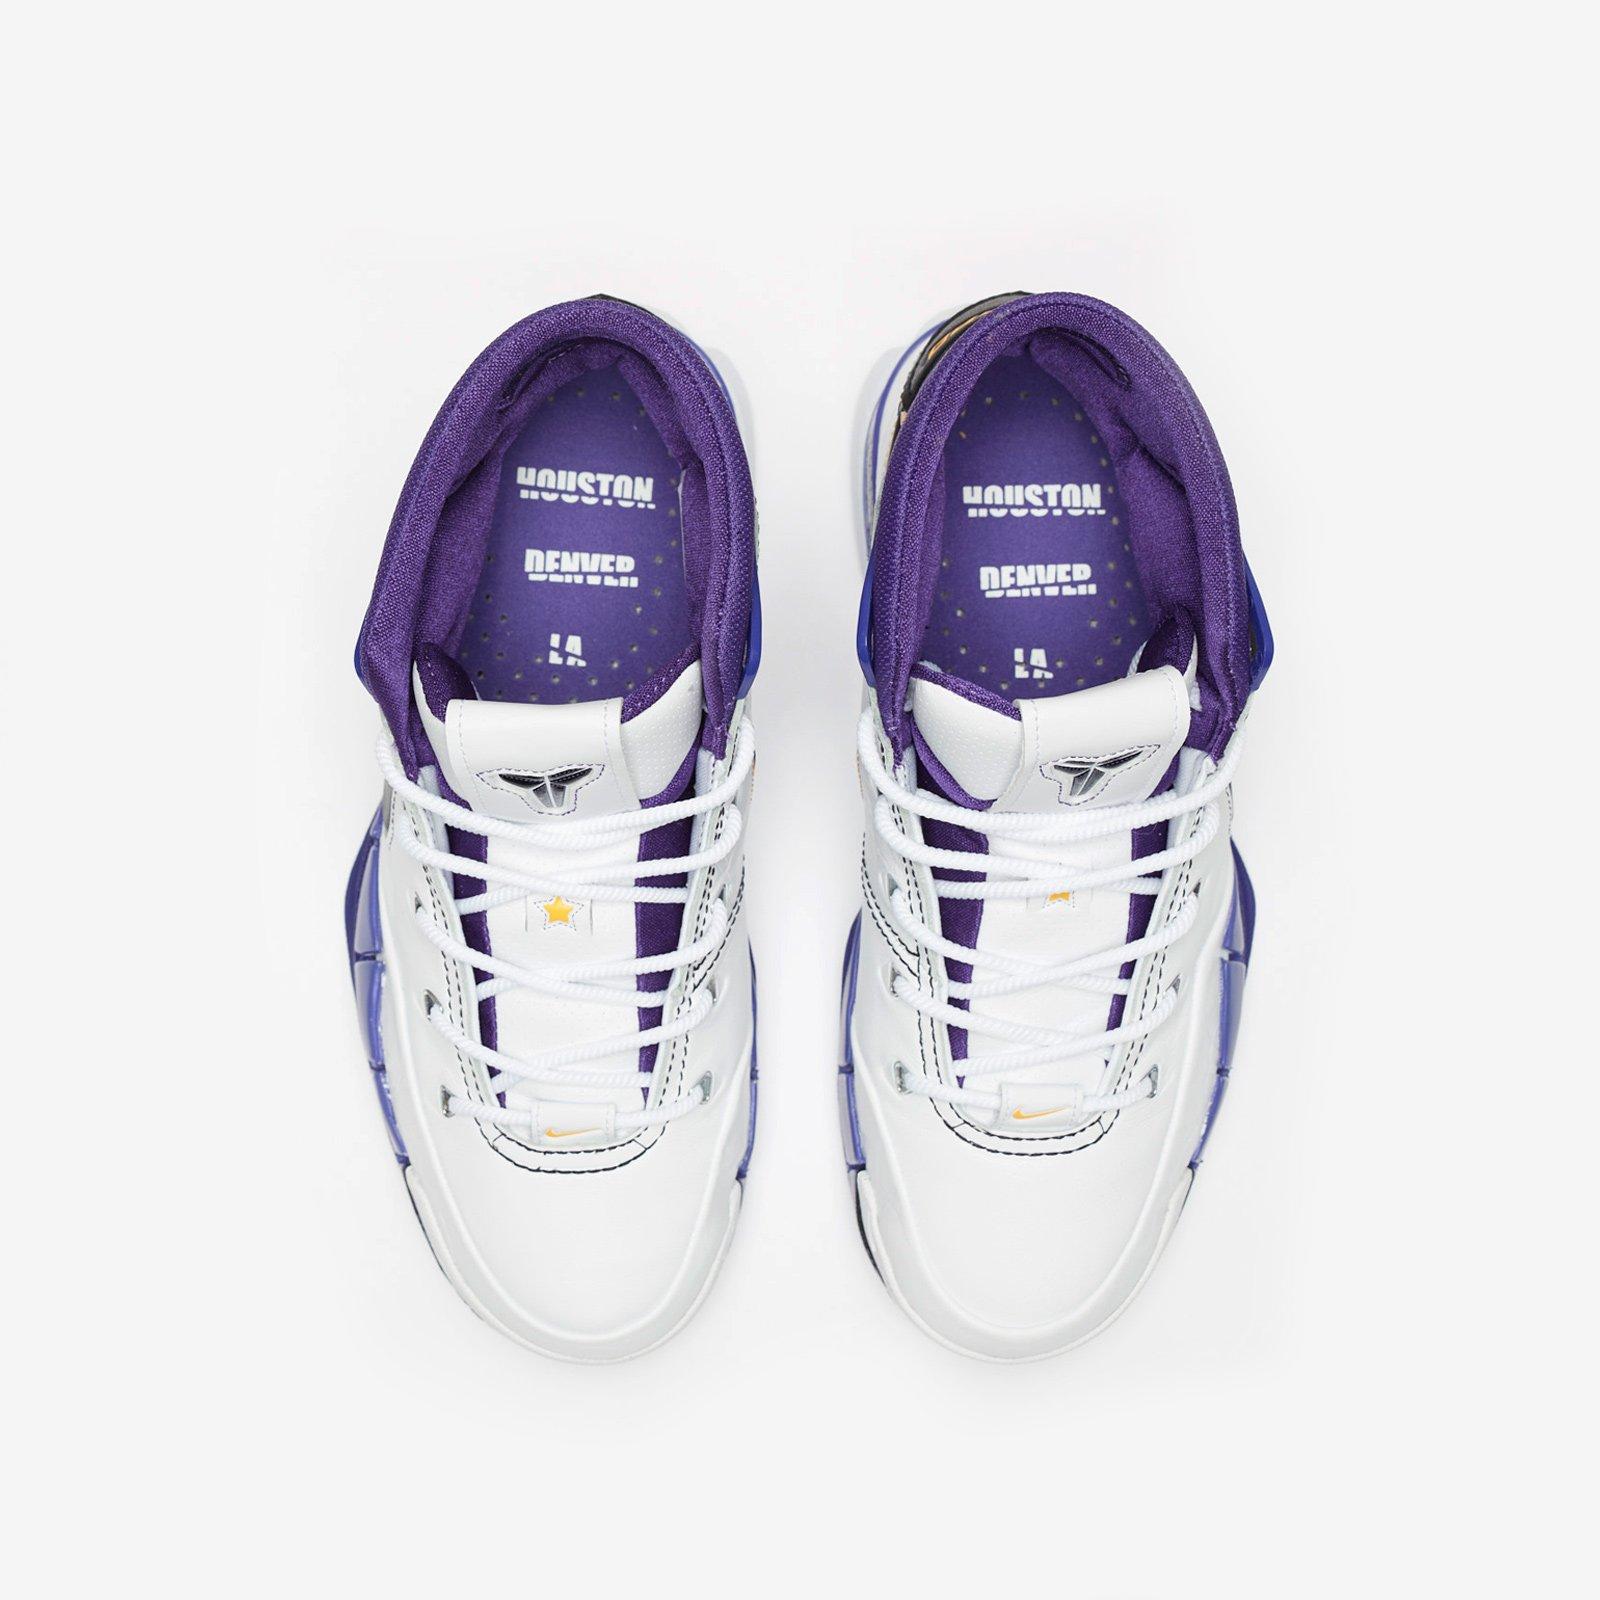 d052bec295a5 Nike Kobe 1 Protro - Aq2728-105 - Sneakersnstuff